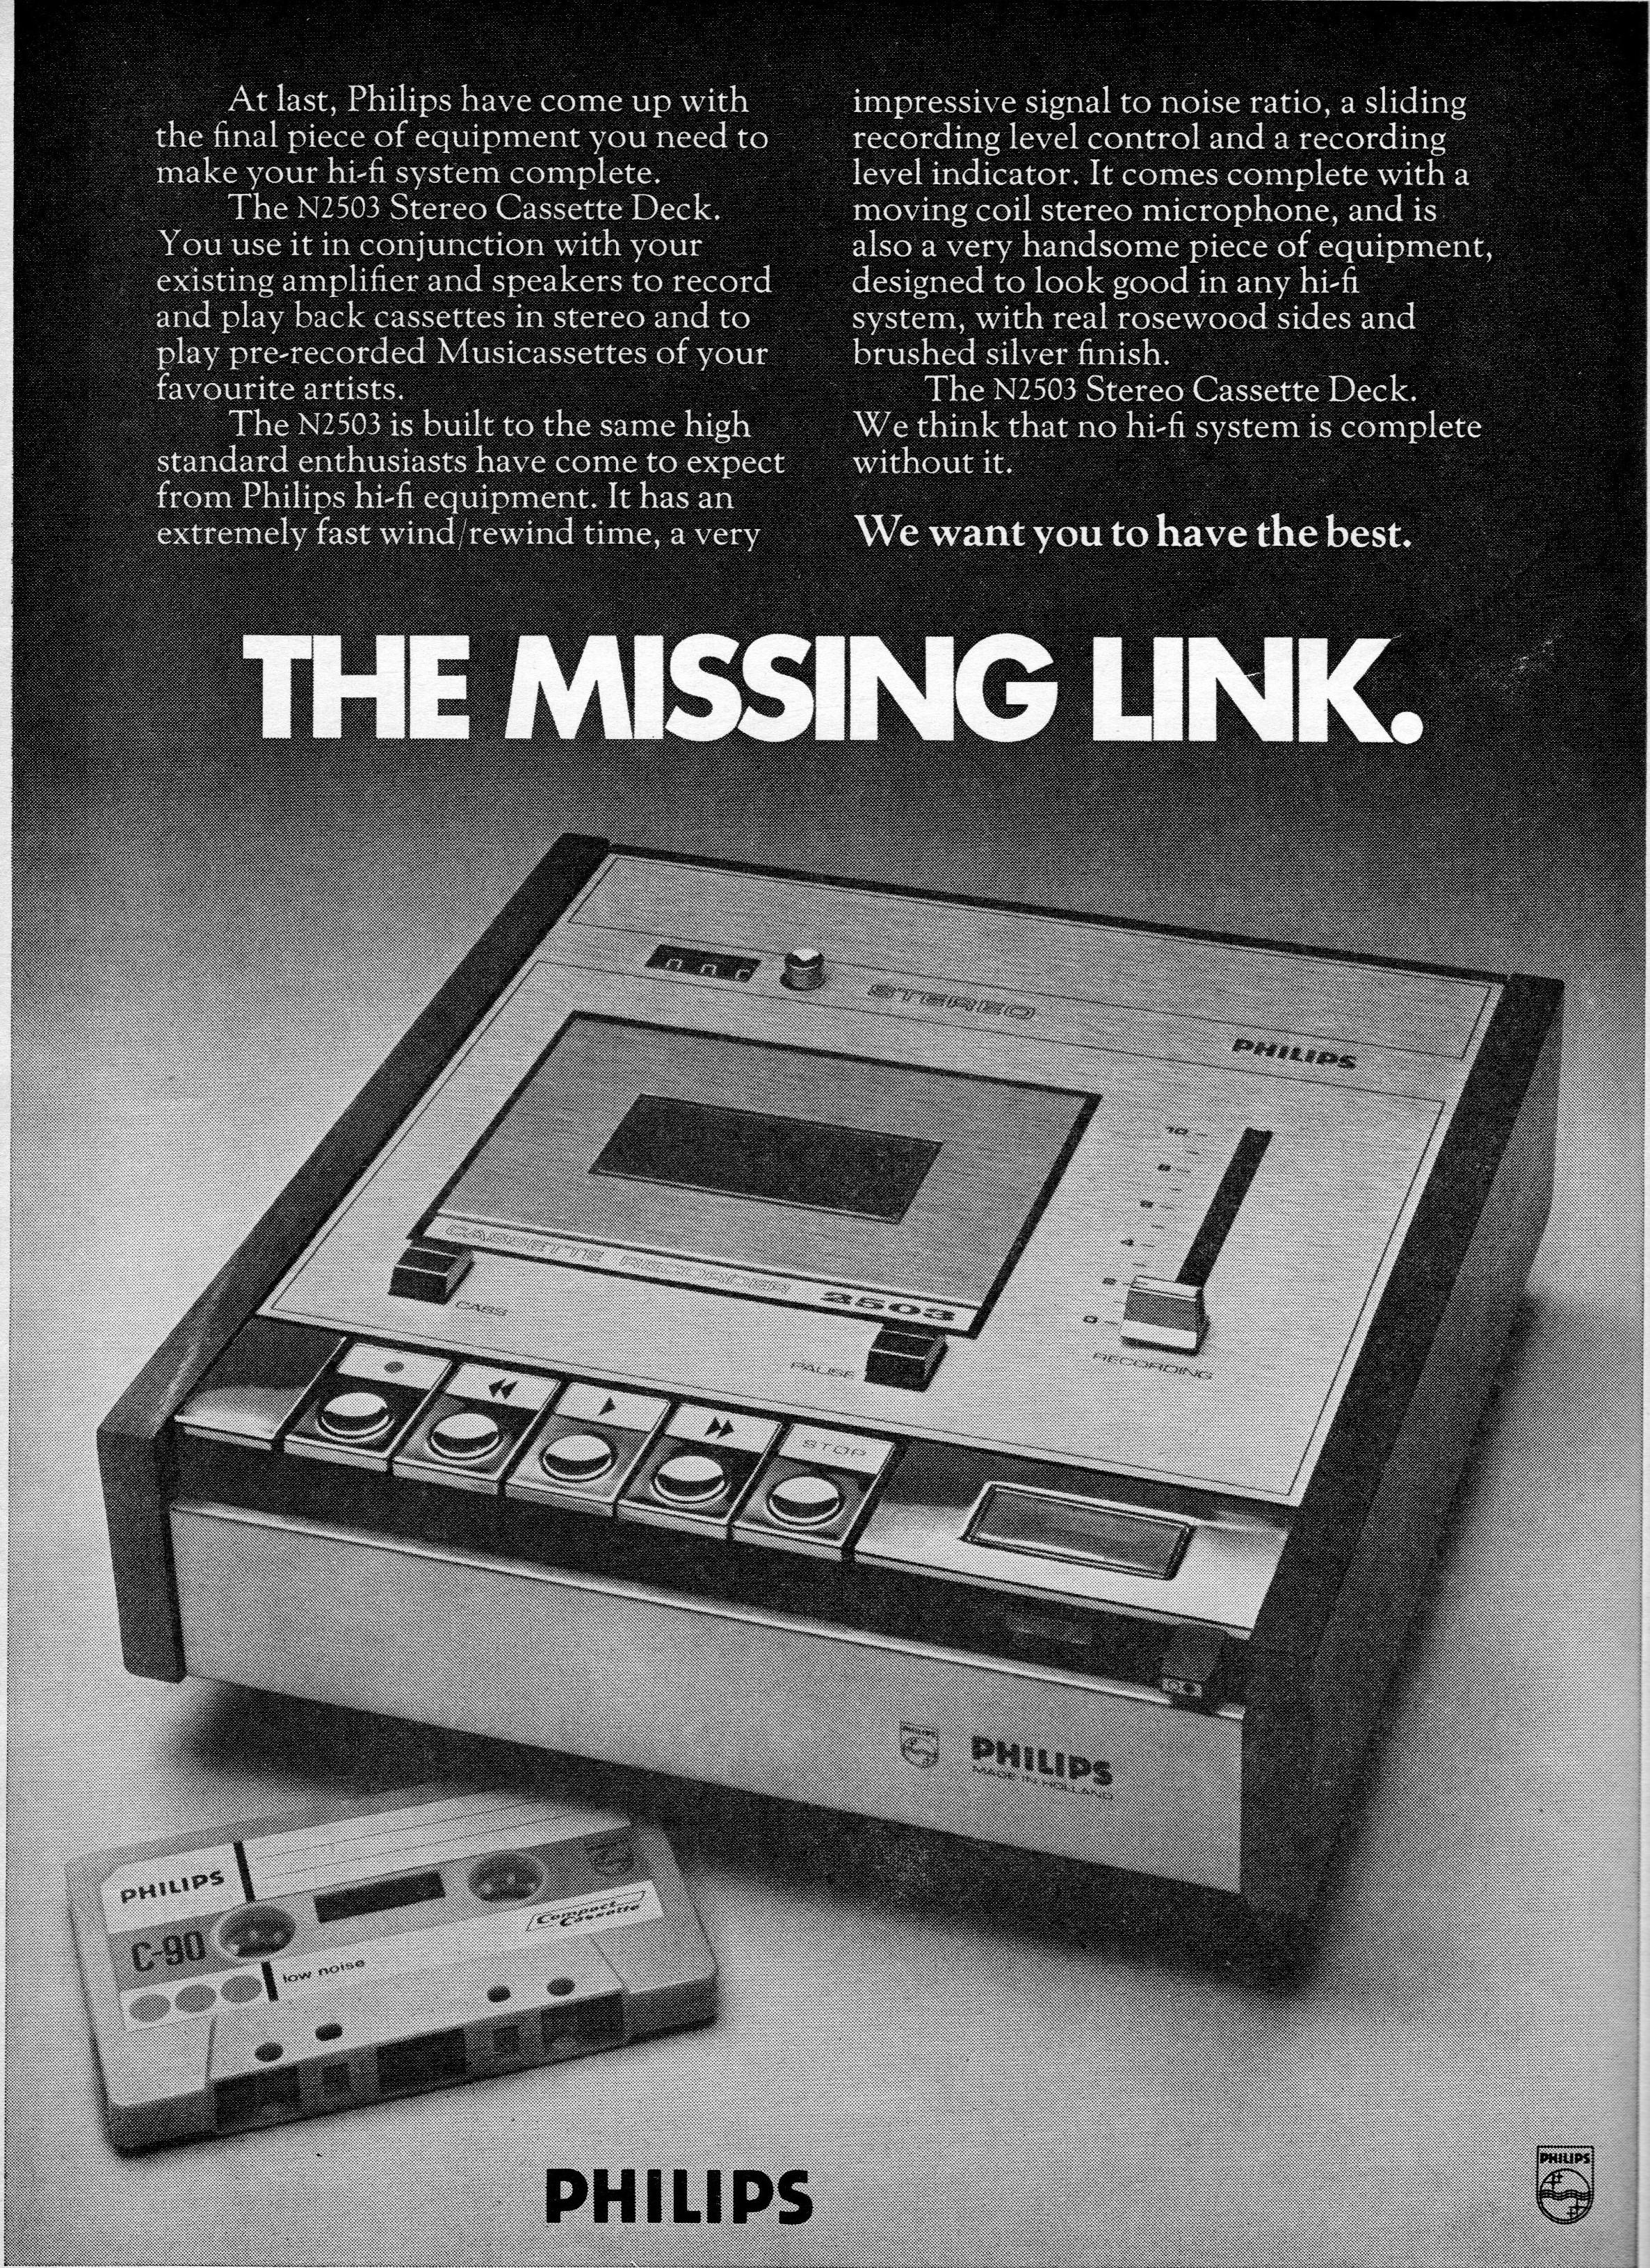 Philips N2503 Advert 1971.jpg